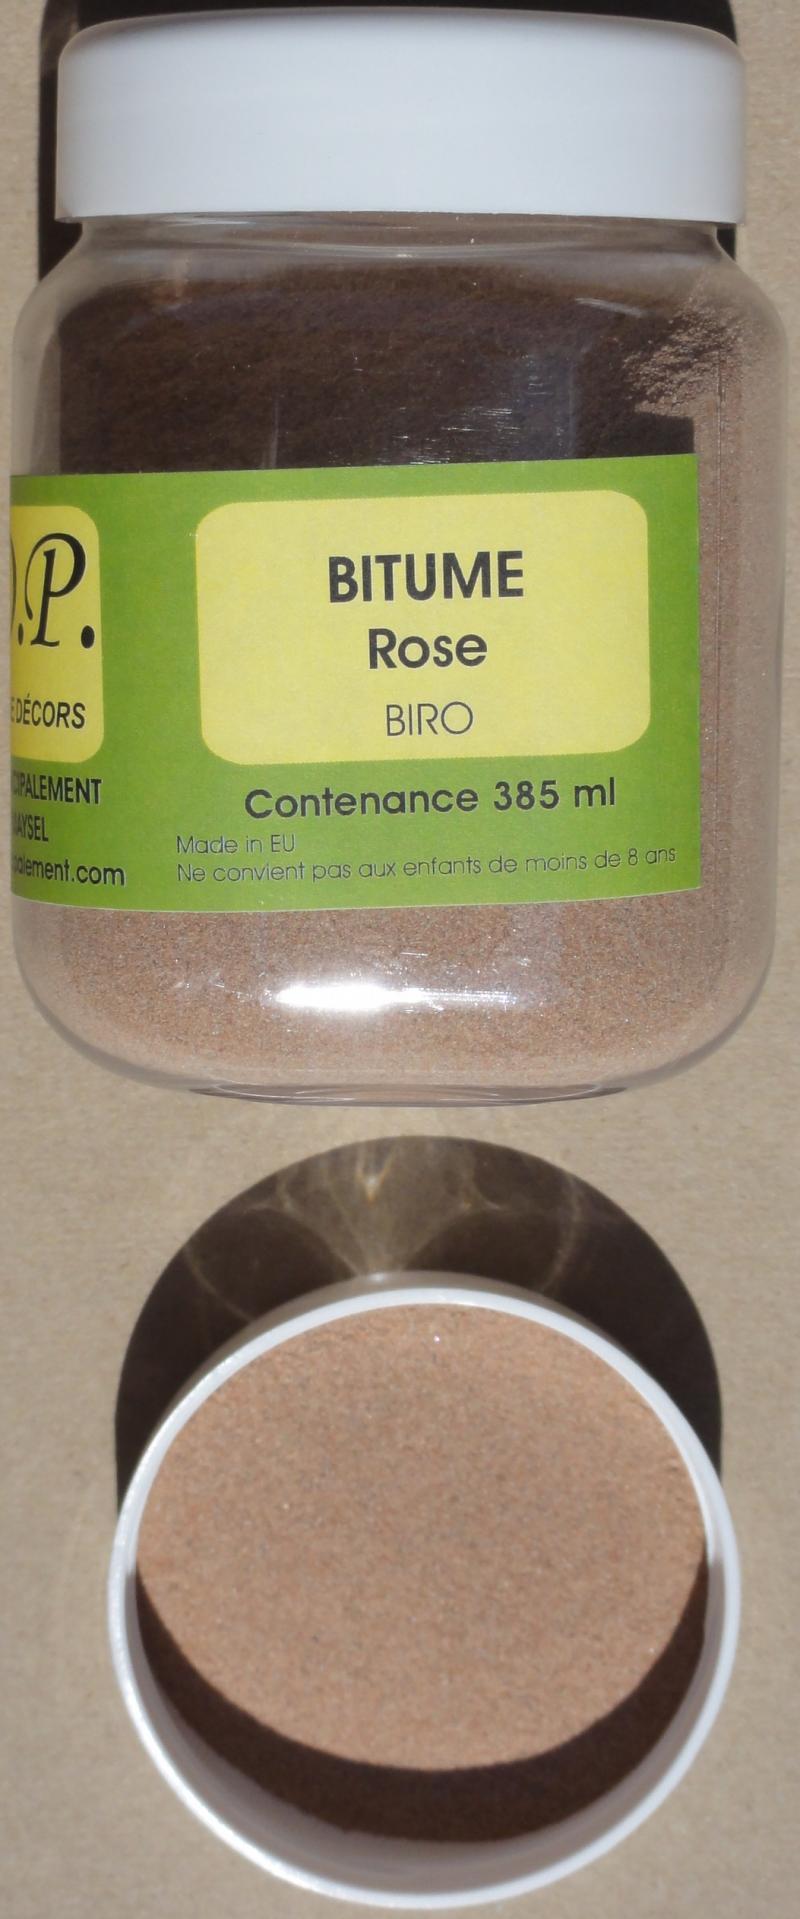 Bitume rose